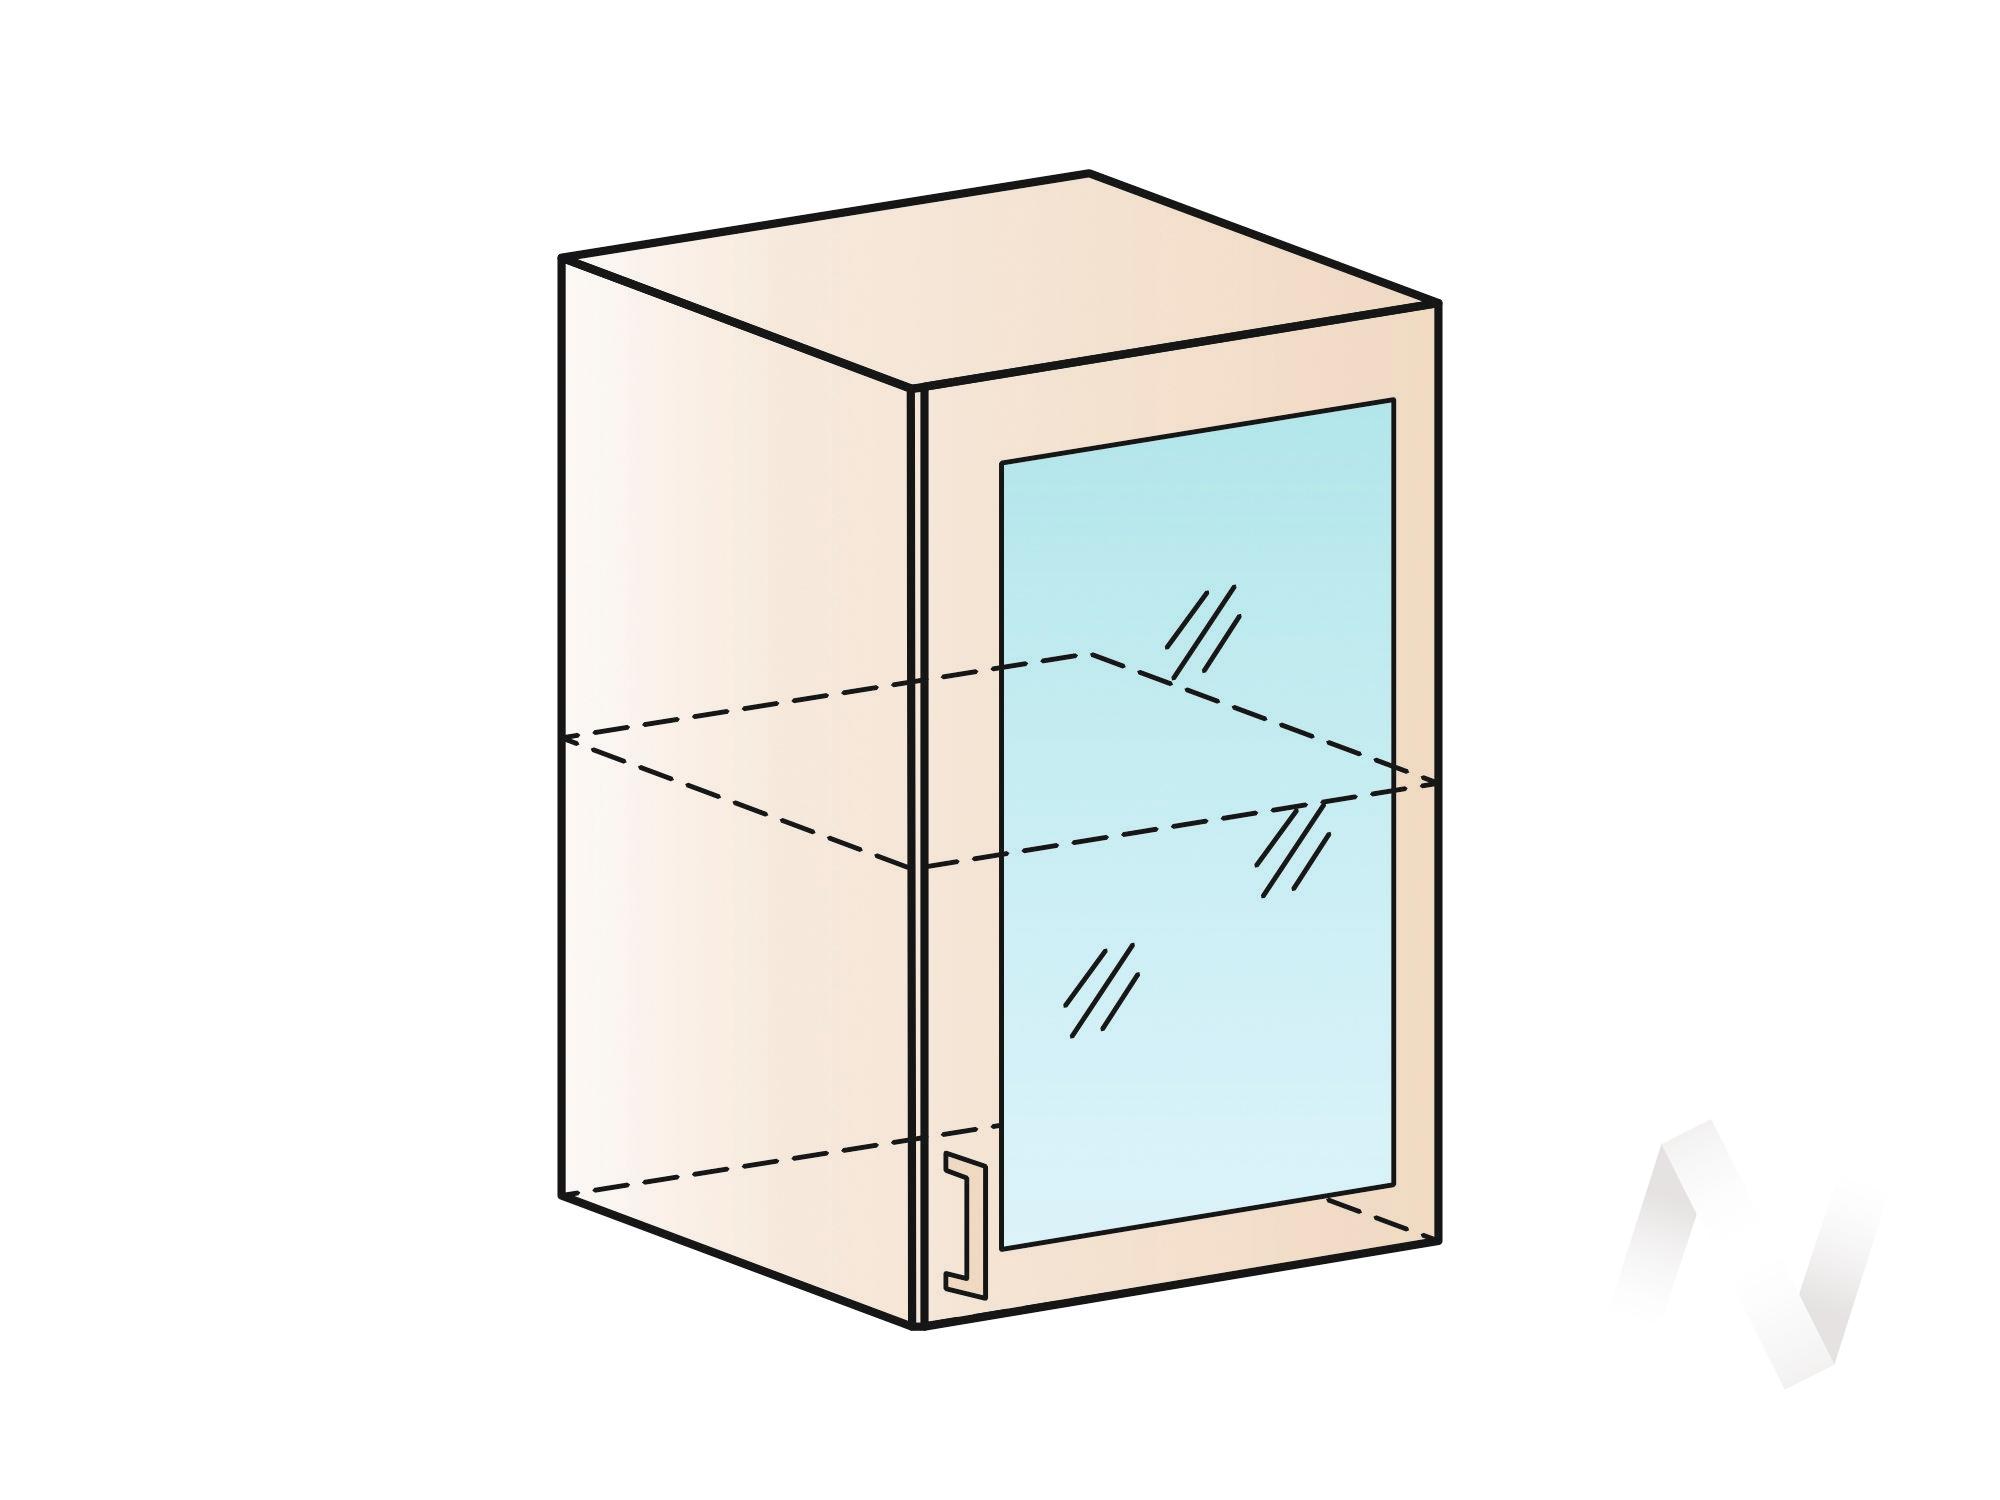 """Кухня """"Люкс"""": Шкаф верхний со стеклом 500, ШВС 500 (Шелк жемчуг/корпус венге) в Томске — авторская мебель Экостиль"""